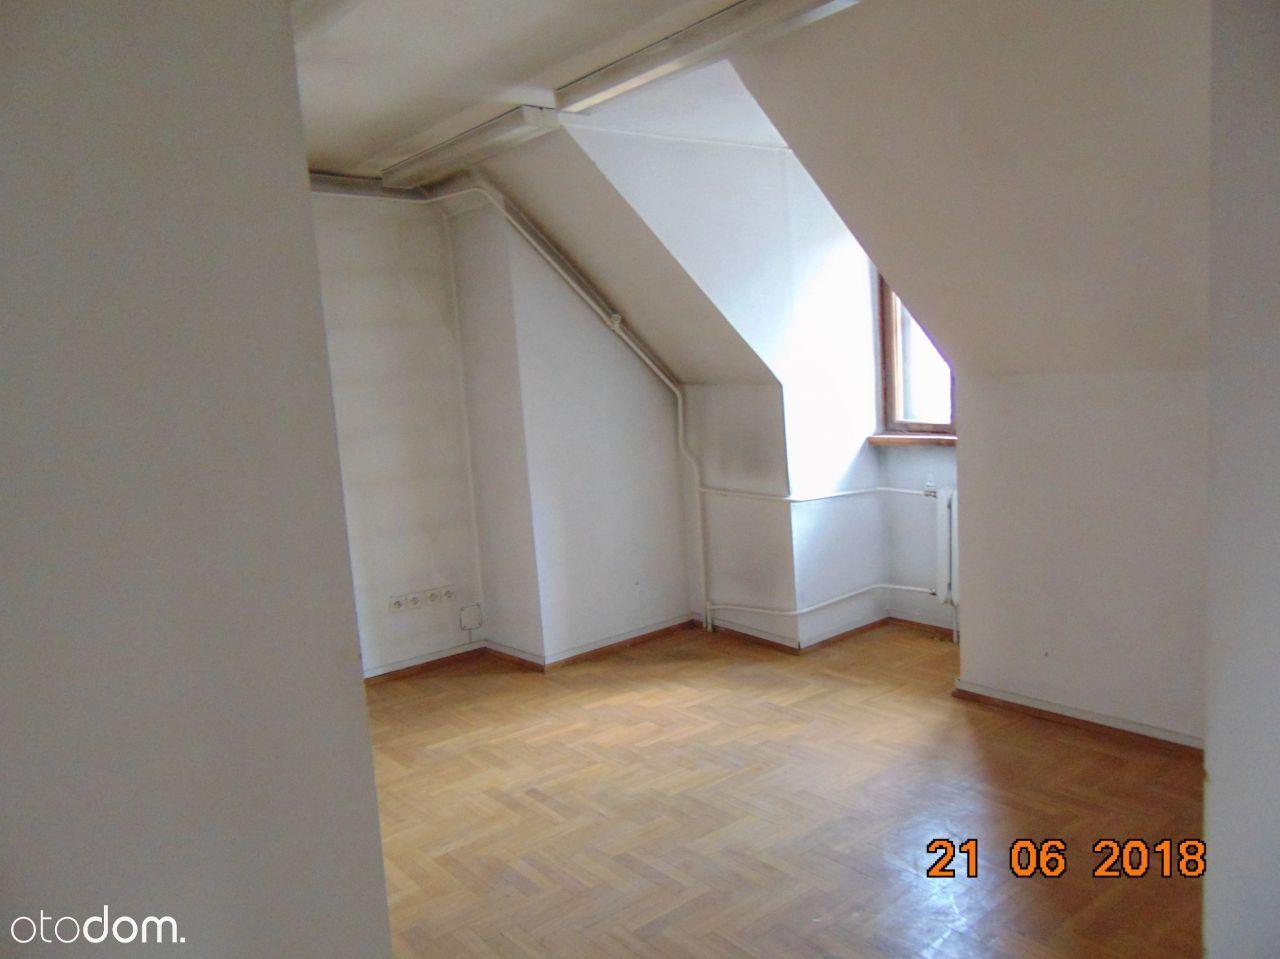 Lokal użytkowy na sprzedaż, Reszel, kętrzyński, warmińsko-mazurskie - Foto 9